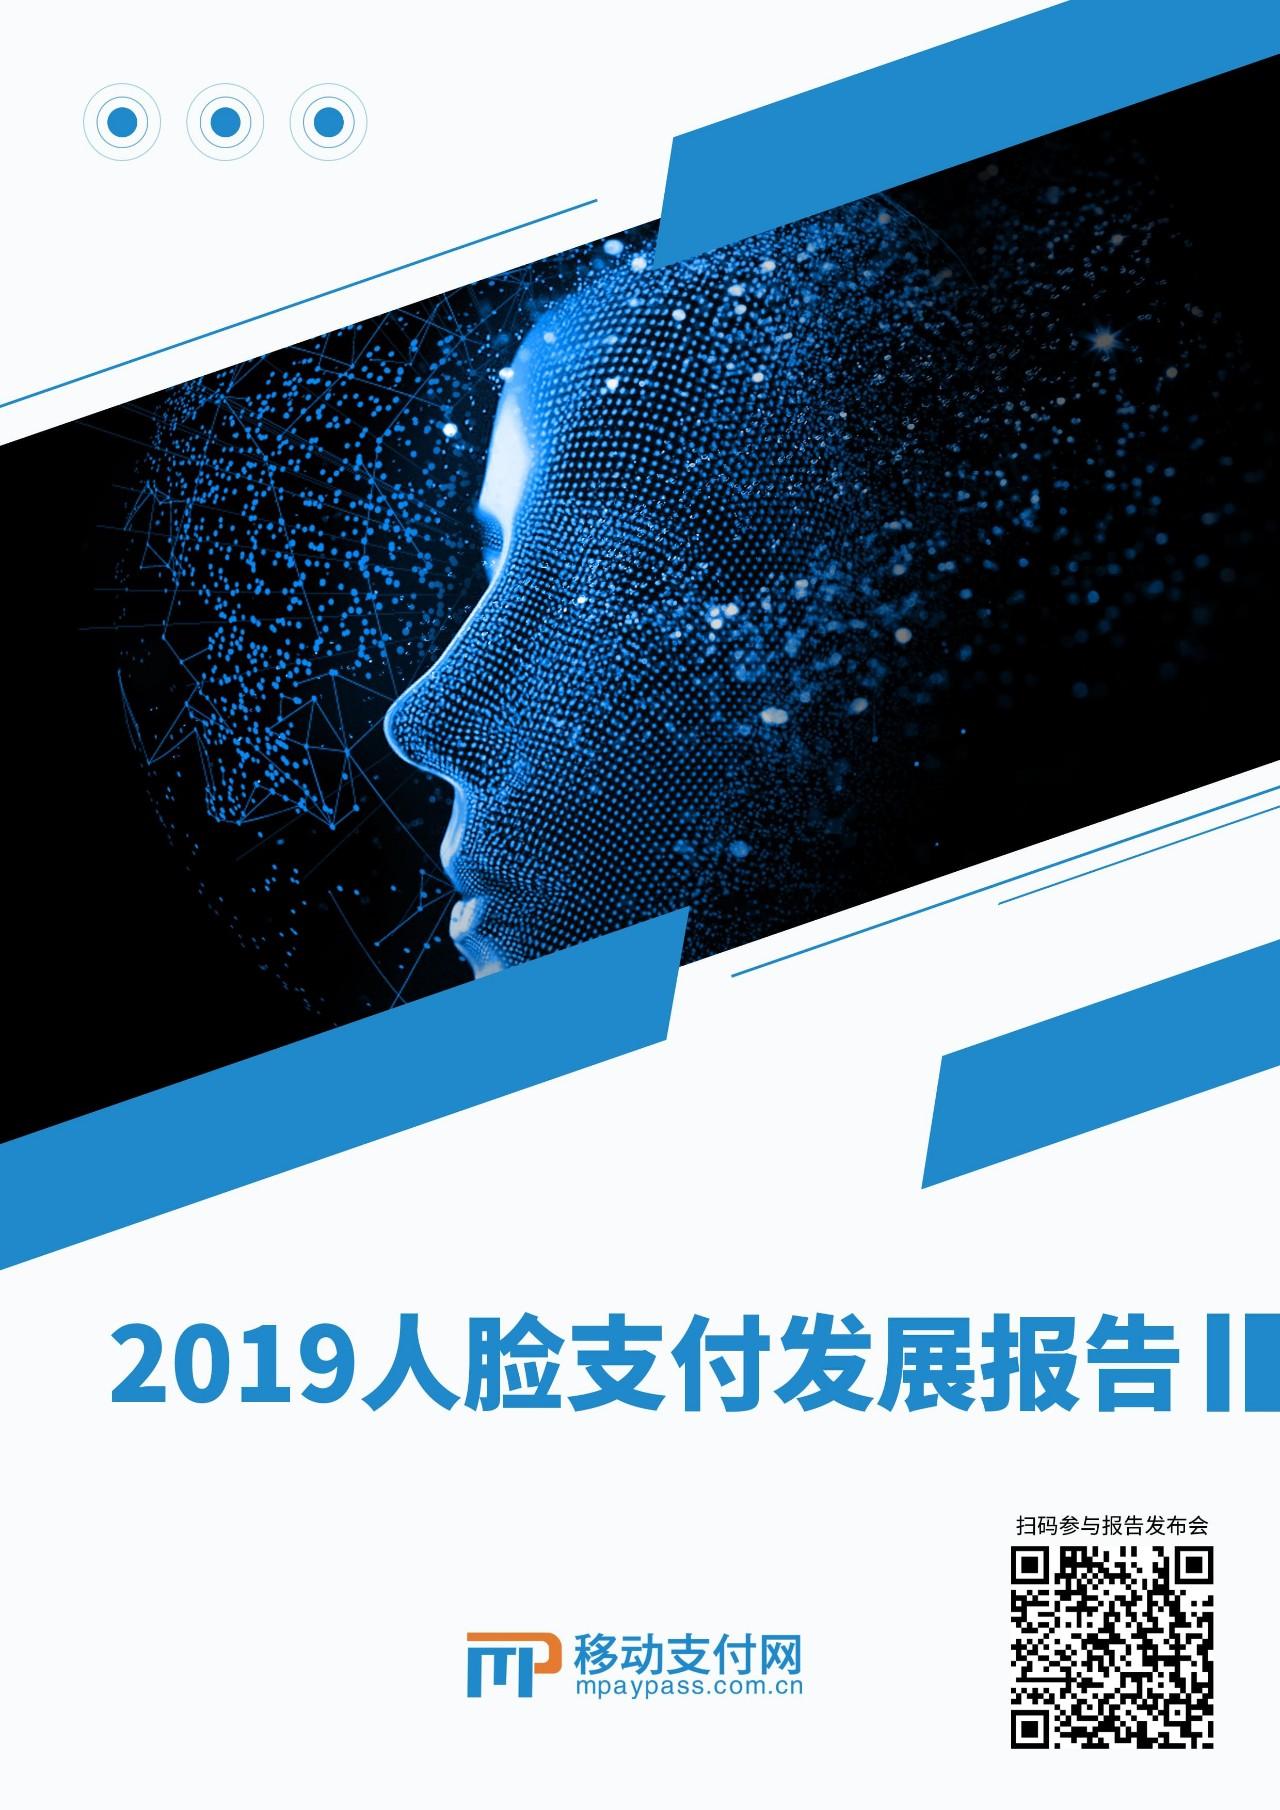 2019第四届中国移动金融安全大会整装待发,聚焦数据安全与刷脸支付